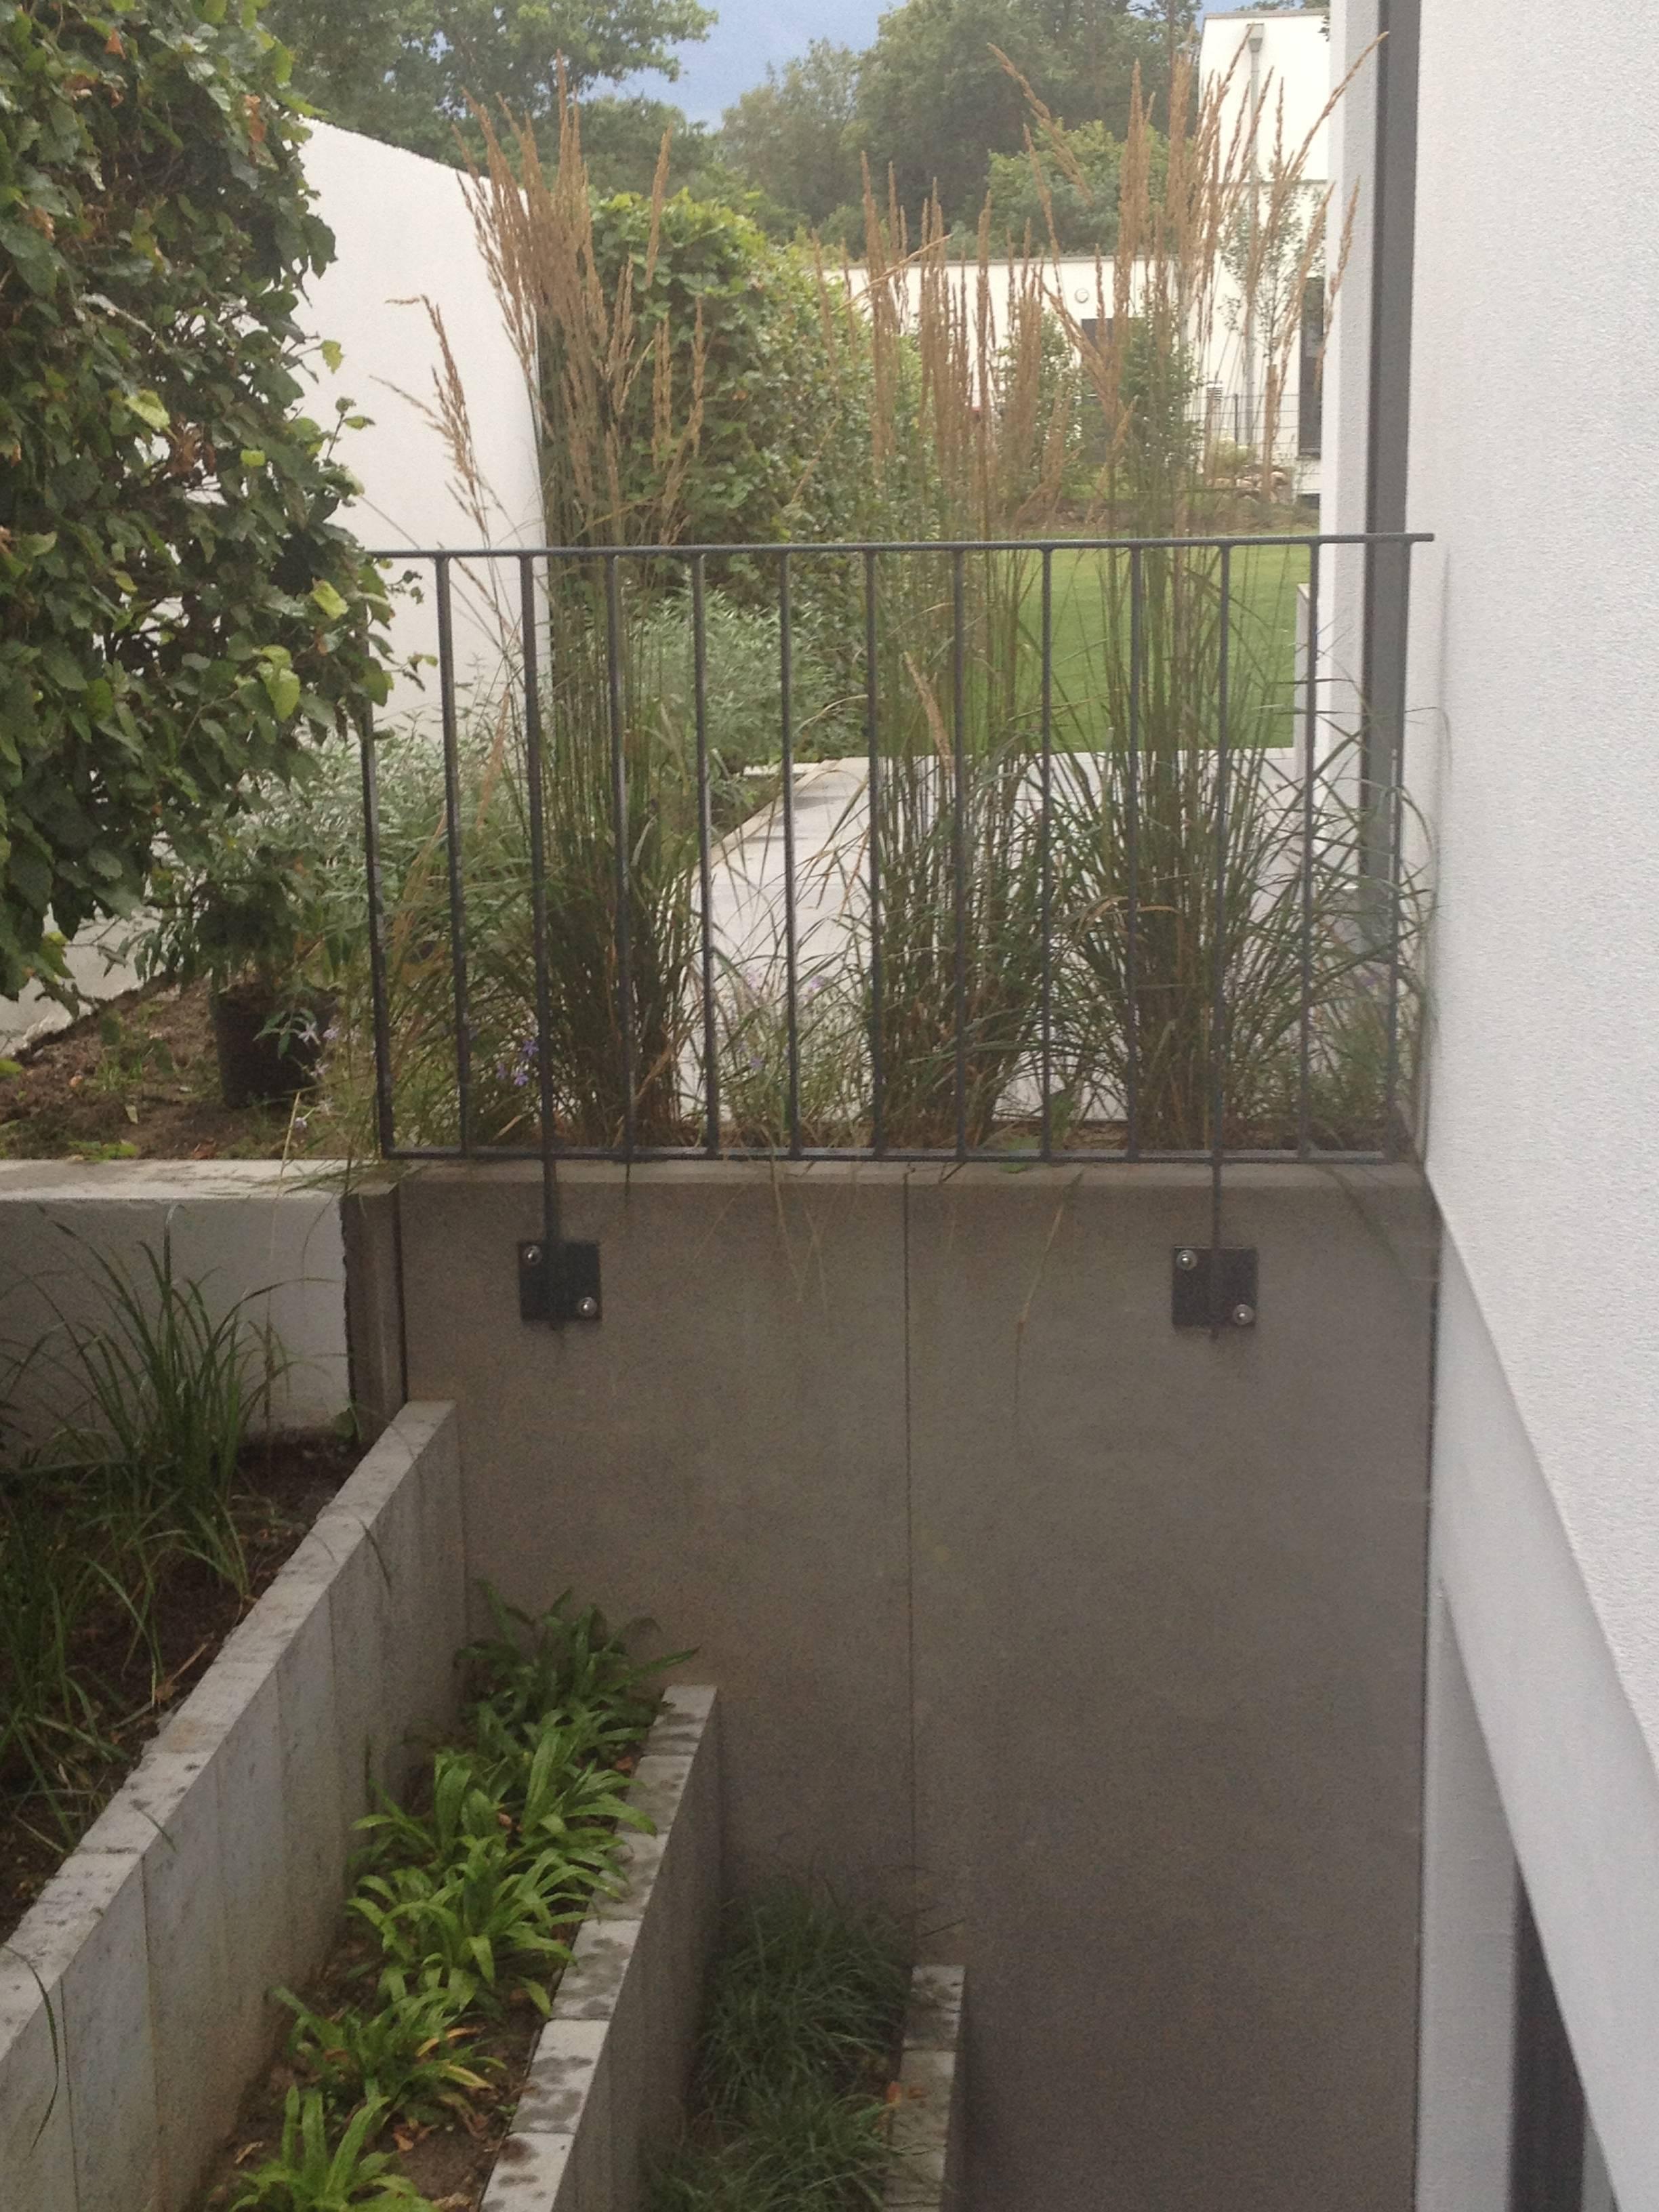 terrasse mit grossformat platten righini garten und landschaftsbau. Black Bedroom Furniture Sets. Home Design Ideas